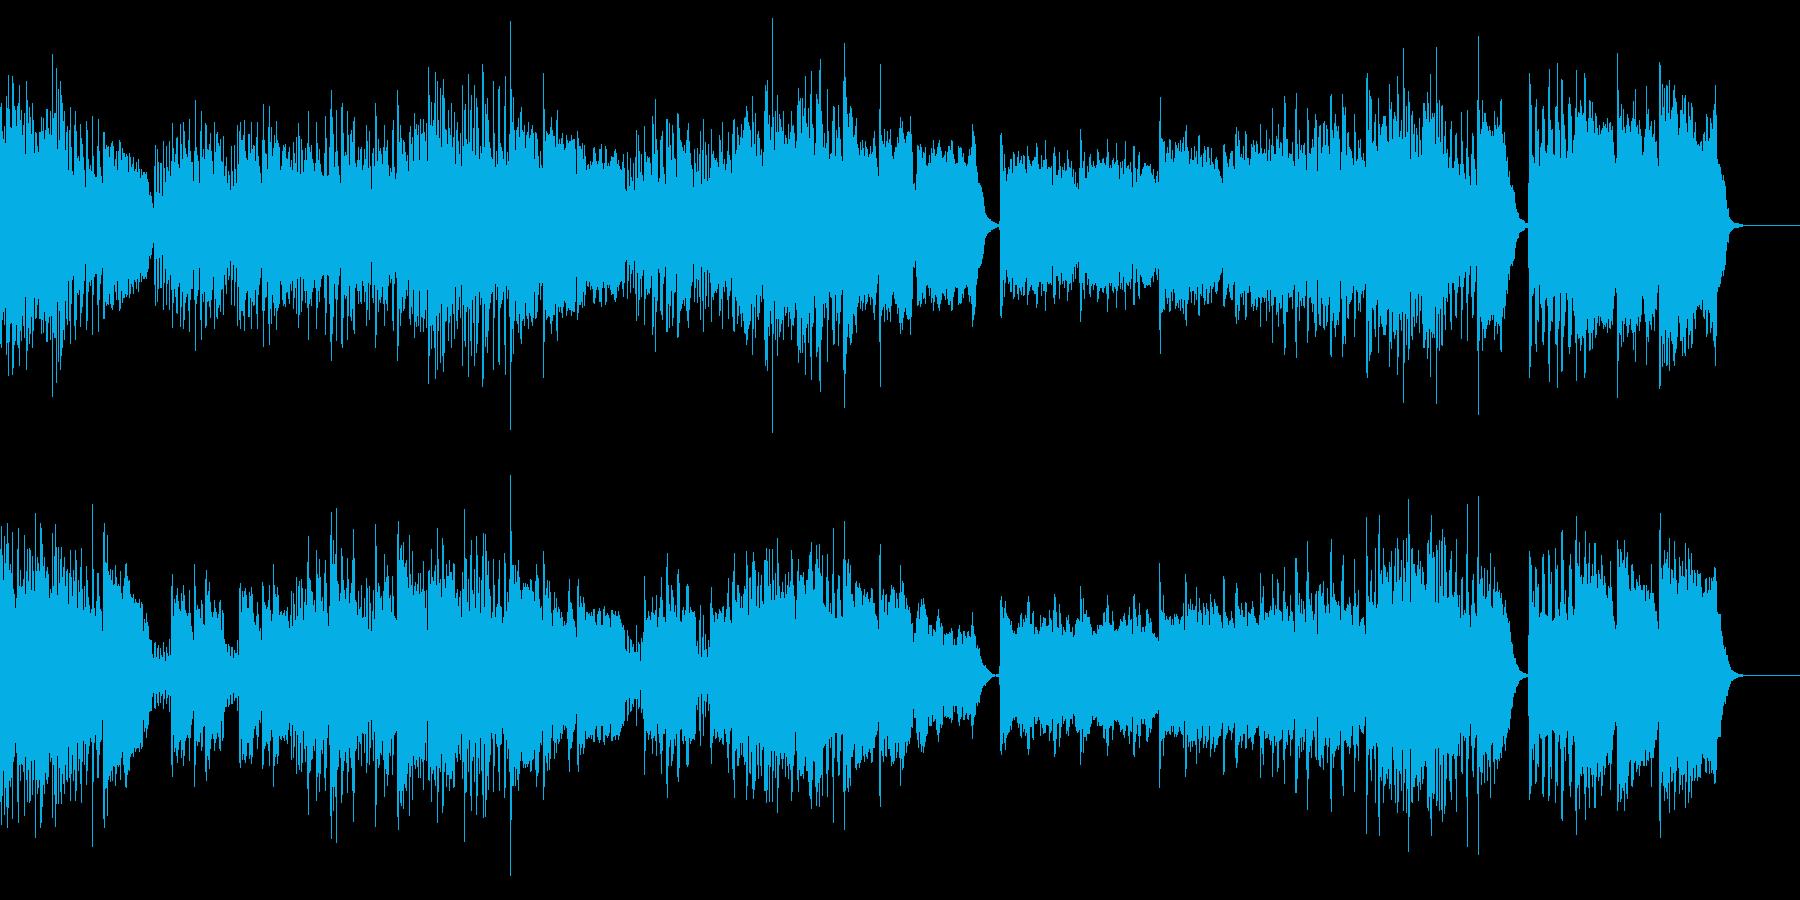 ラ・ペリのファンファーレの再生済みの波形